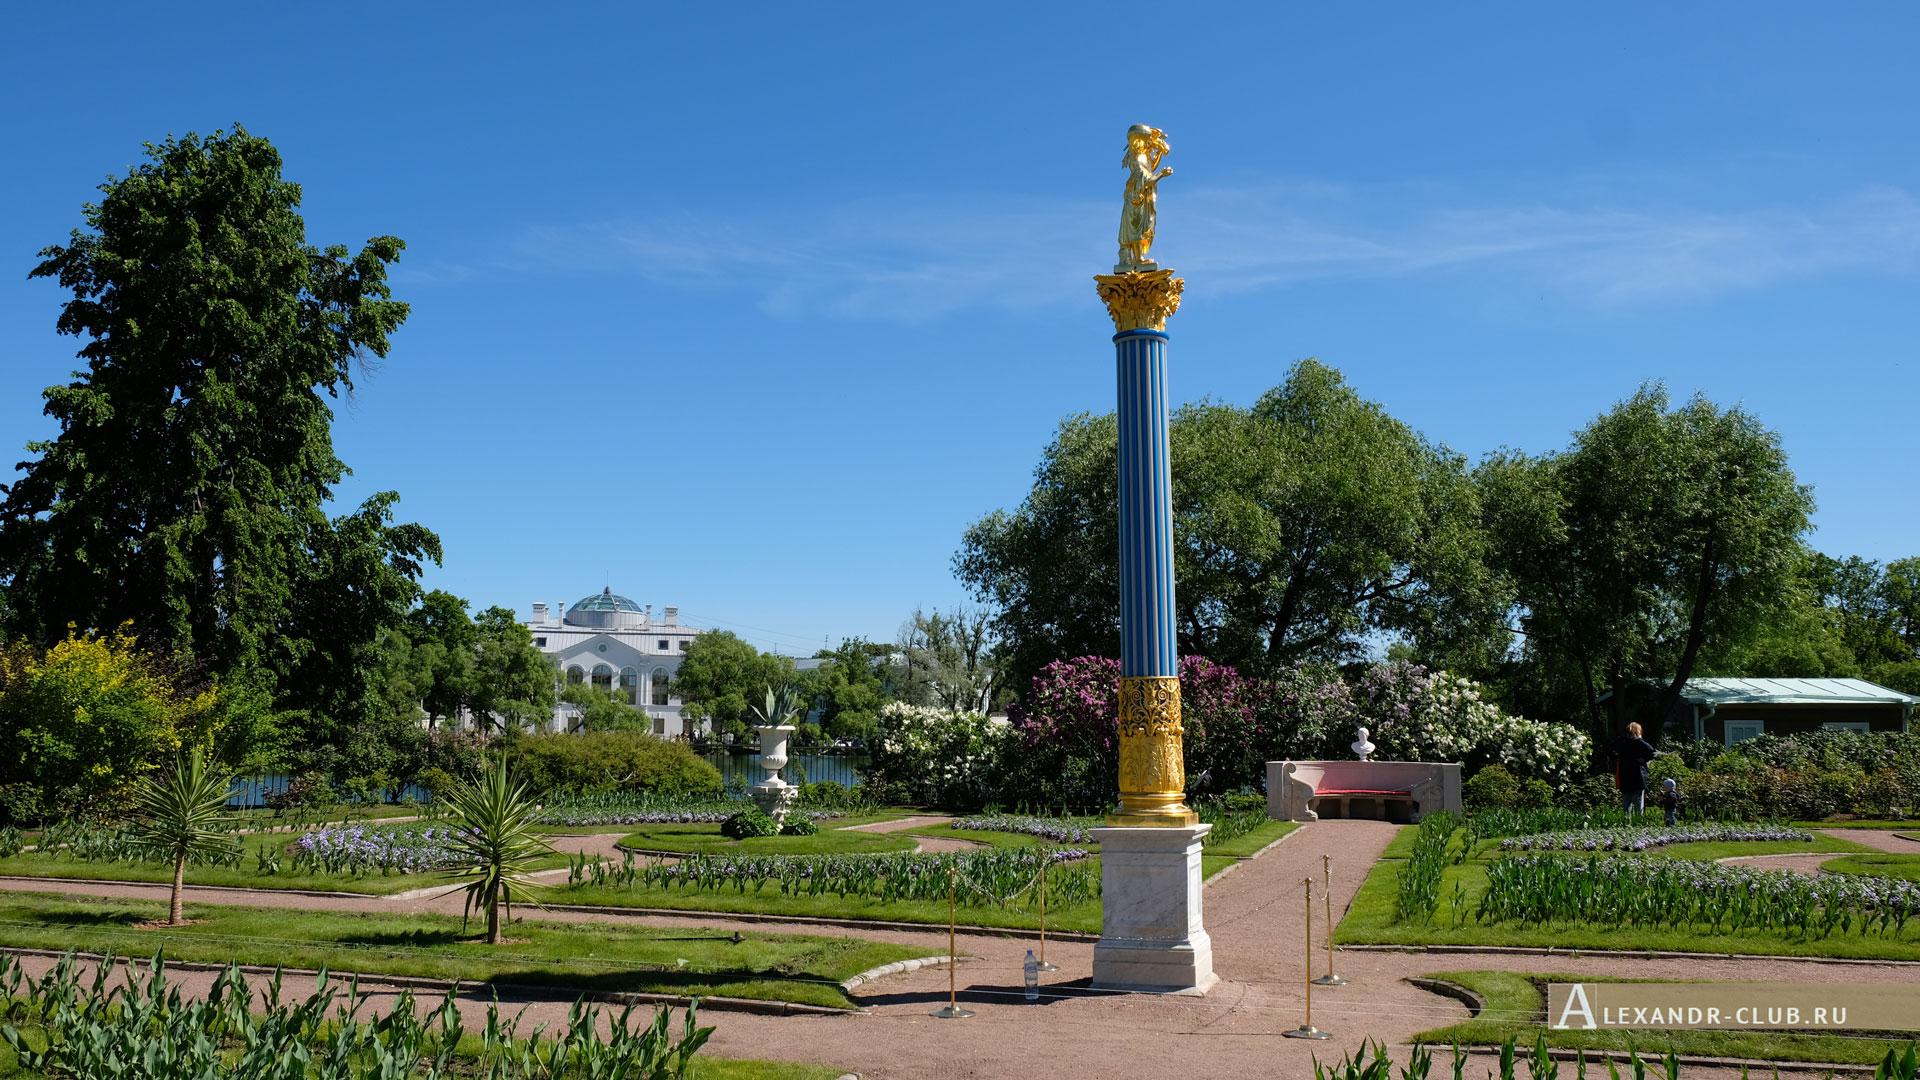 Петергоф, Колонистский парк, лето, Царицын павильон, сад, стеклянная колонна